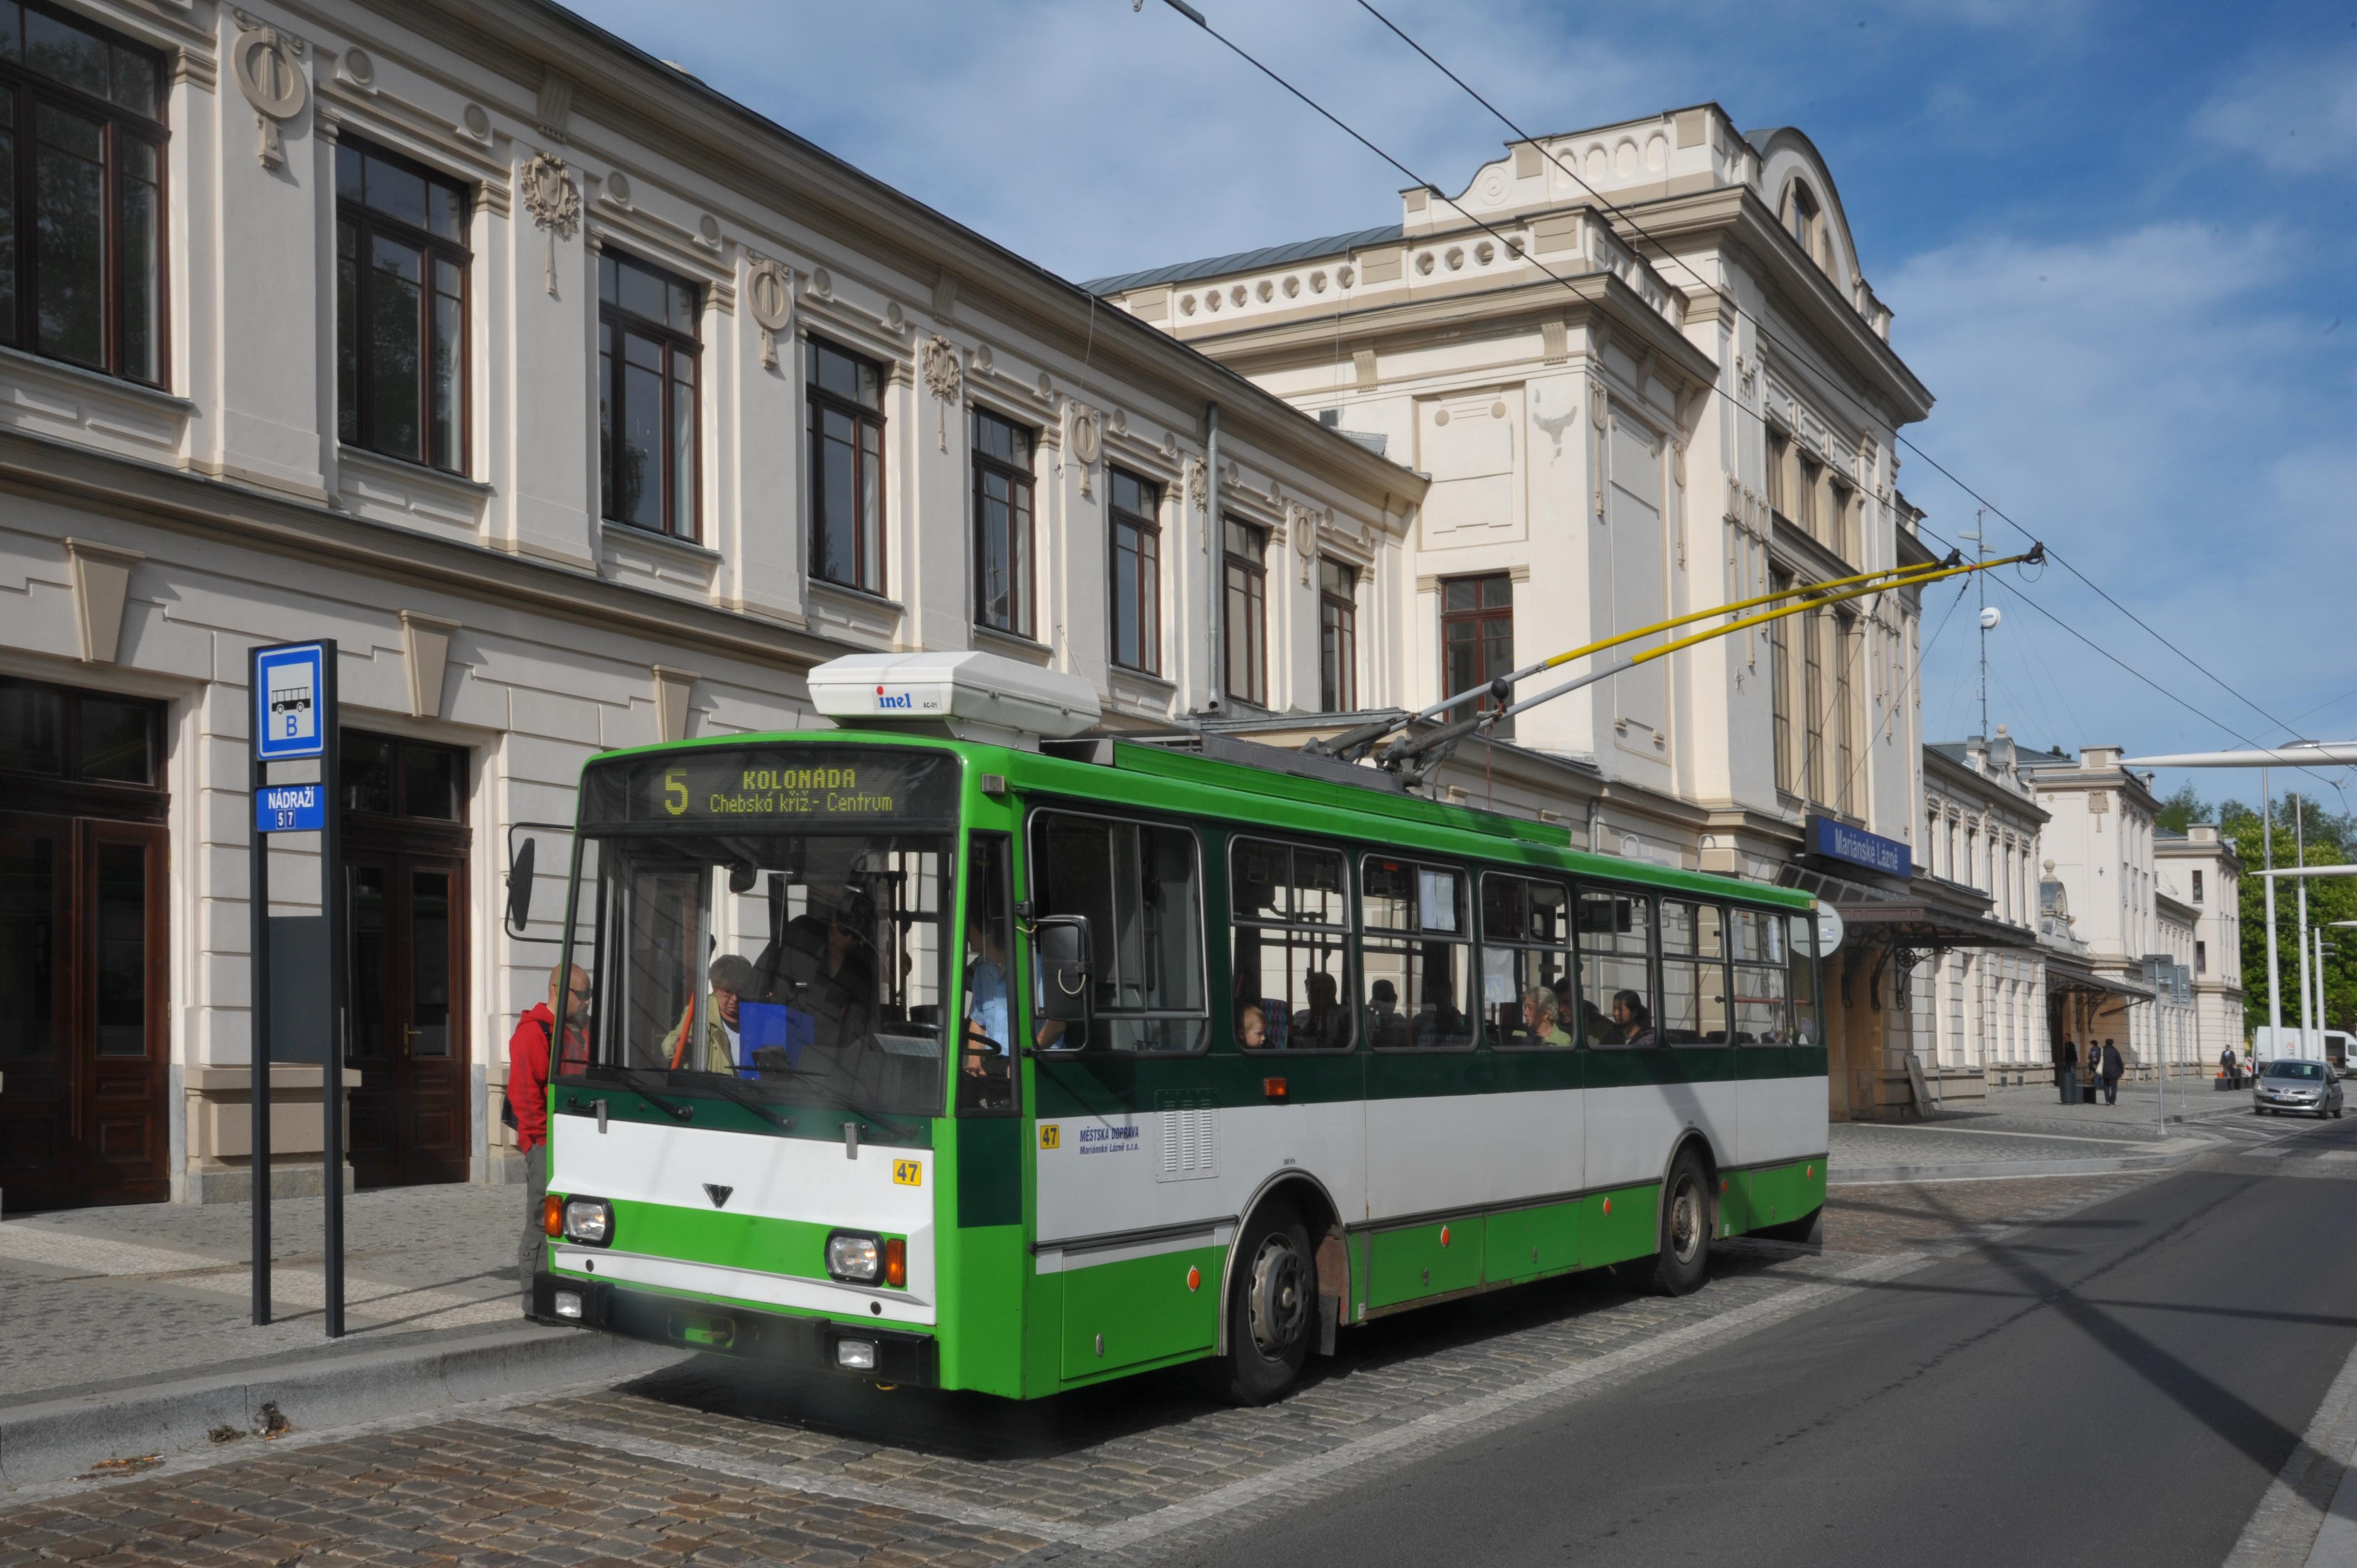 Trolejbusy: Ovzduší nebylo jediným důvodem dotačního neúspěchu